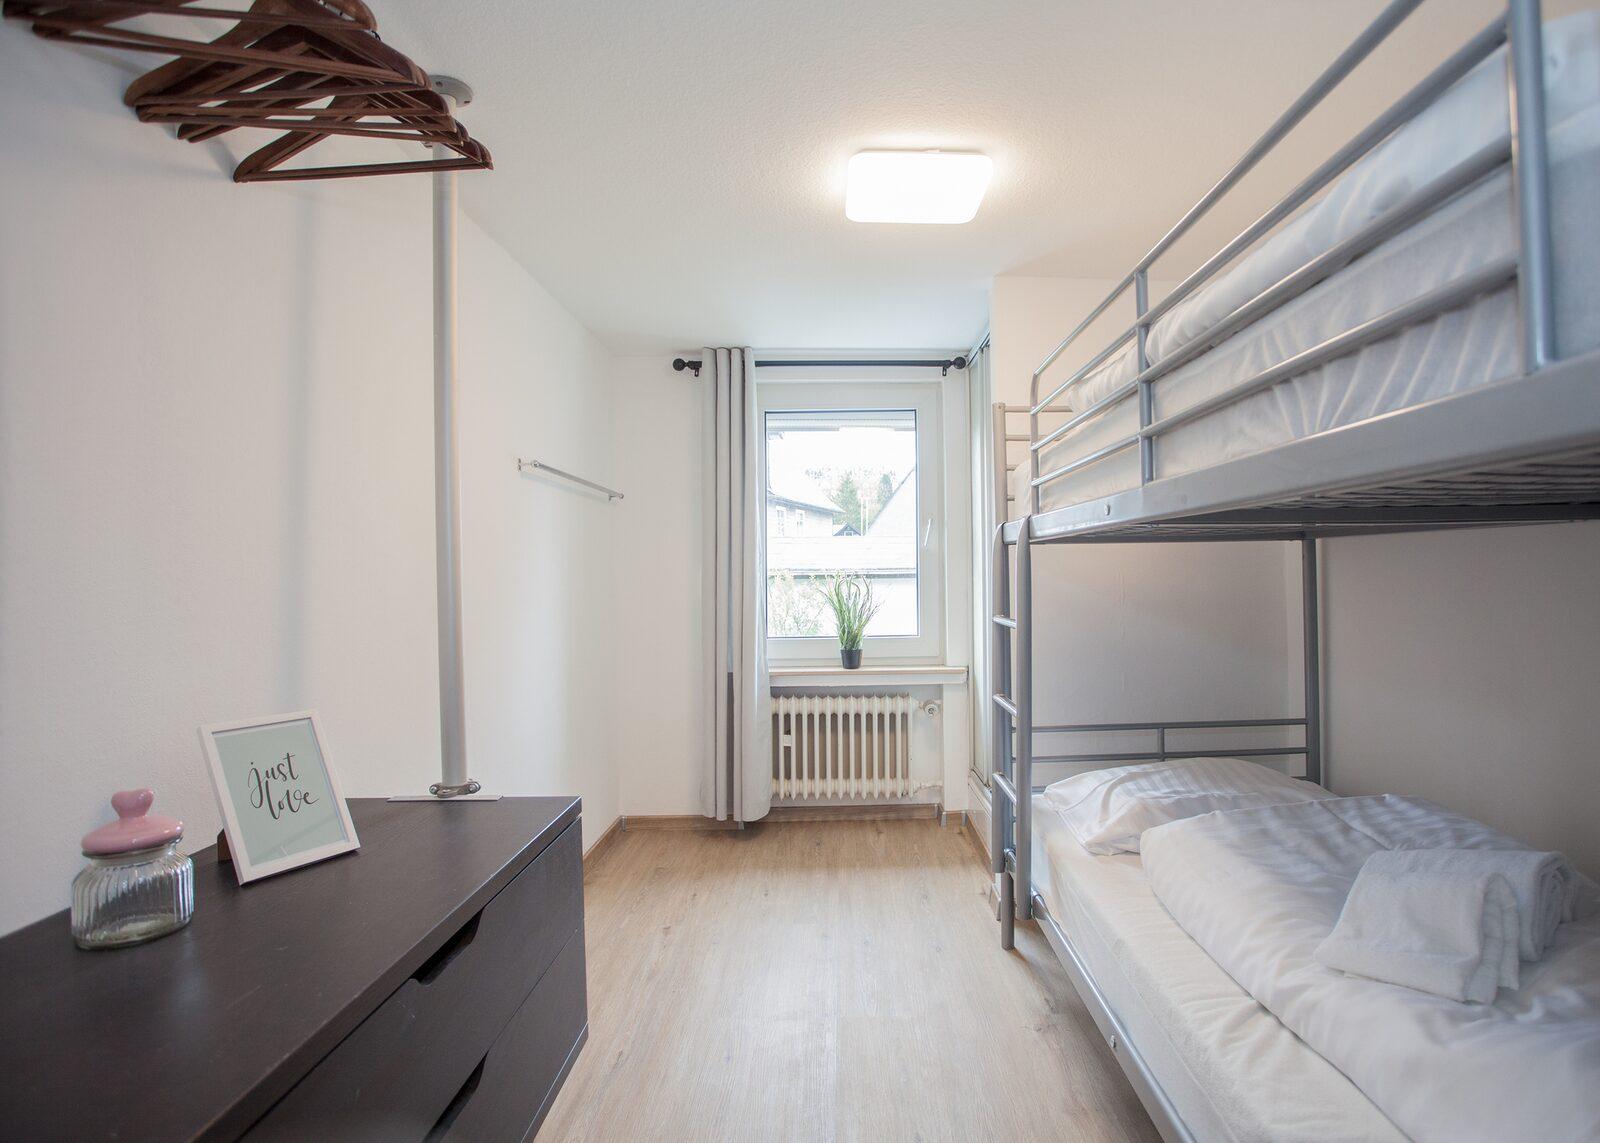 Appartement - Neuastenbergerstrasse 4 | Neuastenberg (Winterberg)